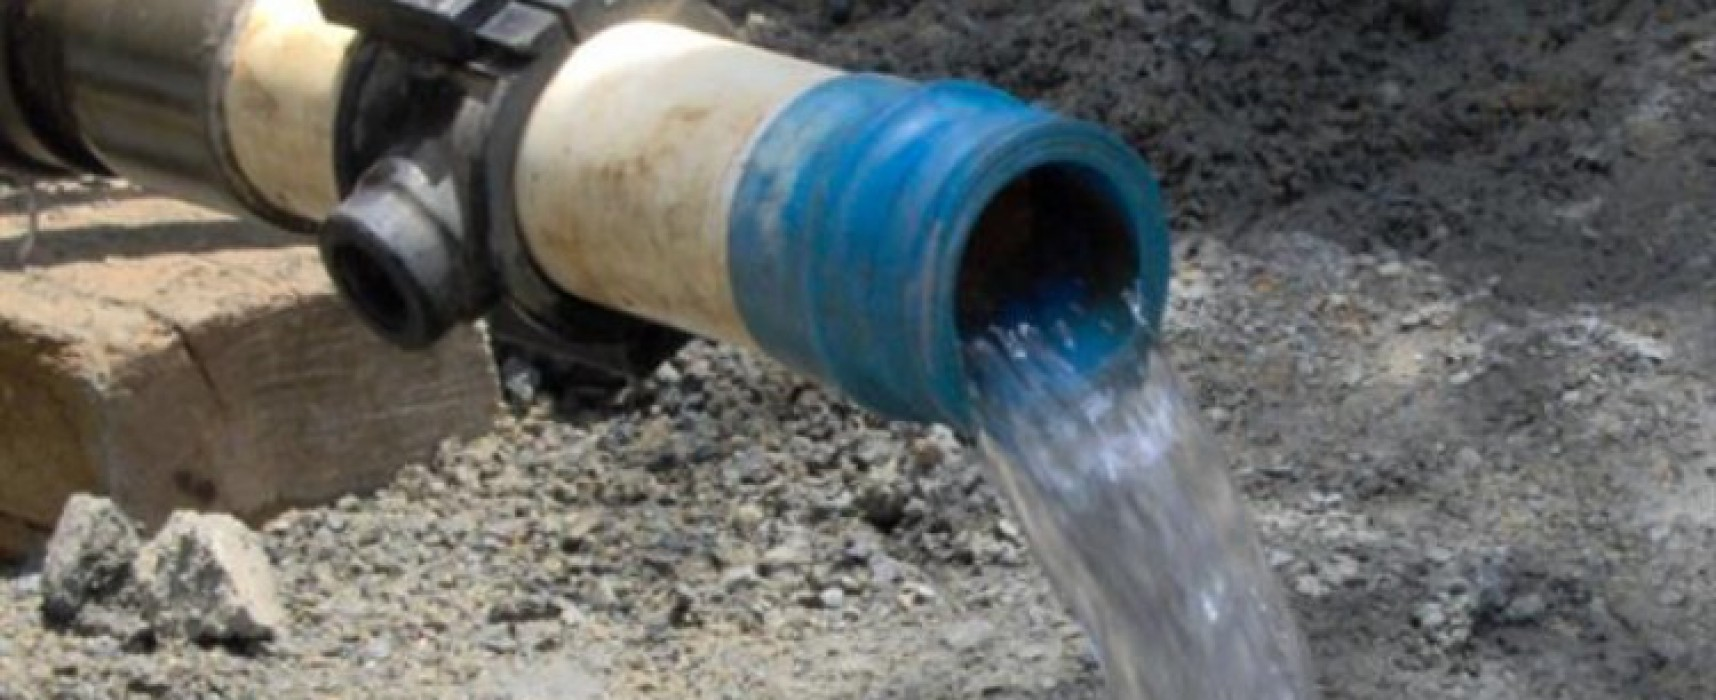 Προκήρυξη για την πλήρωση (πρόσληψη) συνολικά εννέα (09) θέσεων υδρονομέων